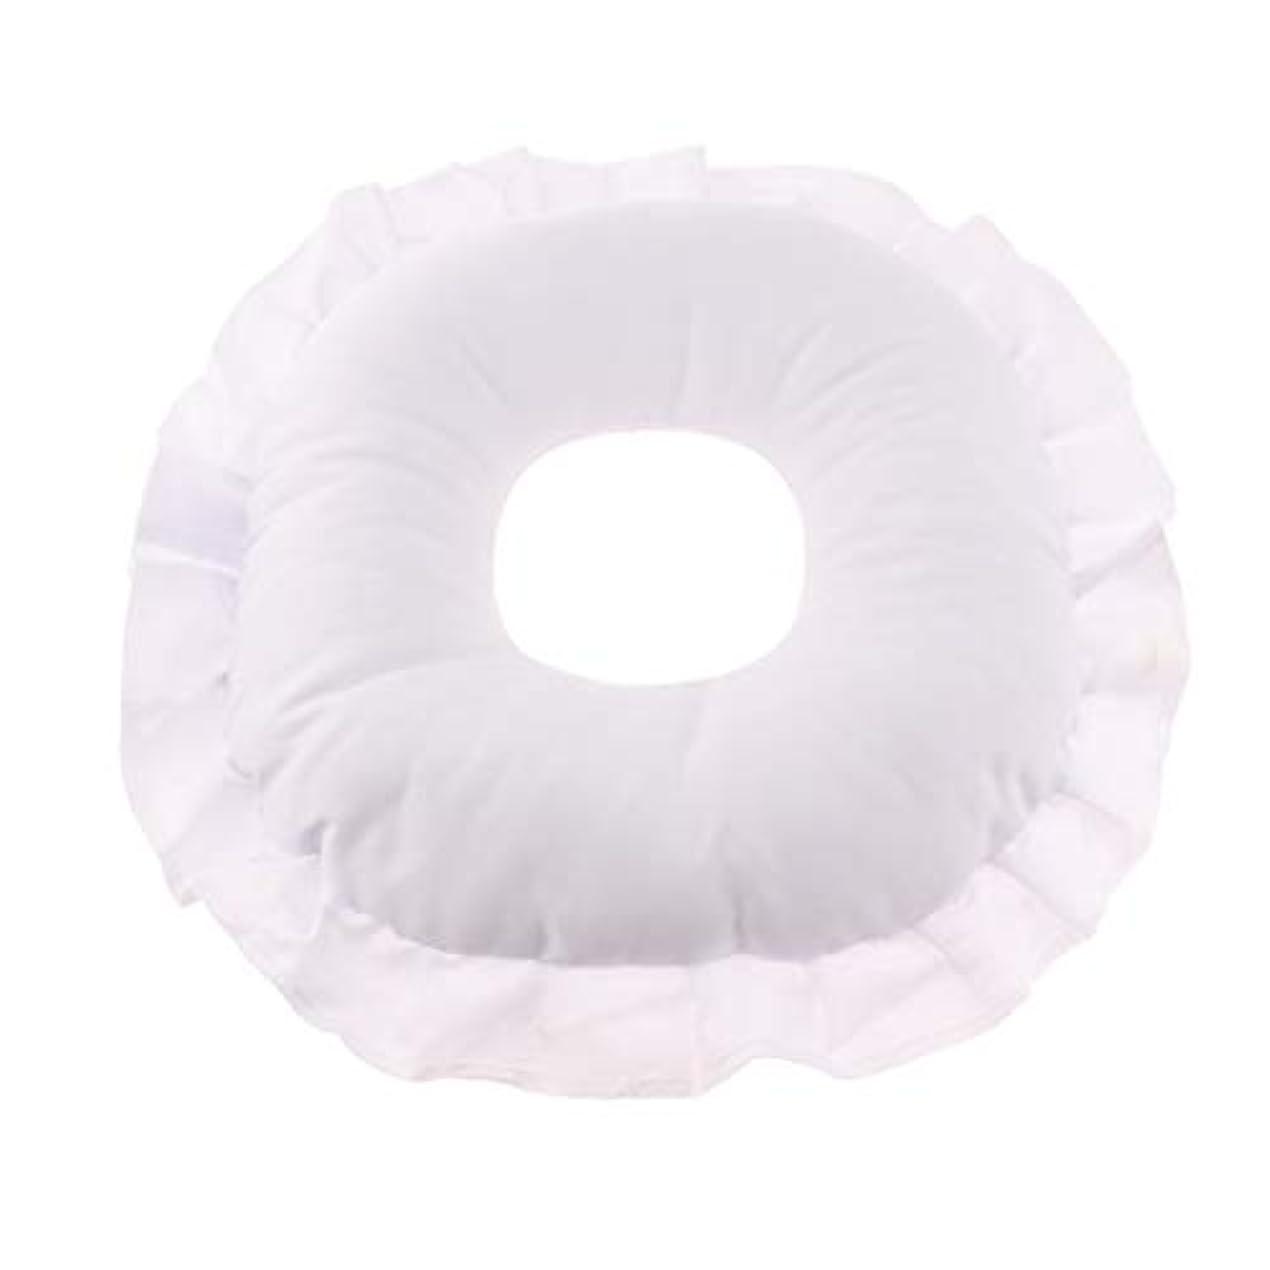 戻る勢いブースFenteer マッサージテーブルピロー フェイスピロー 顔枕 フェイスクッション 柔軟 洗えるカバー 全3色 - 白